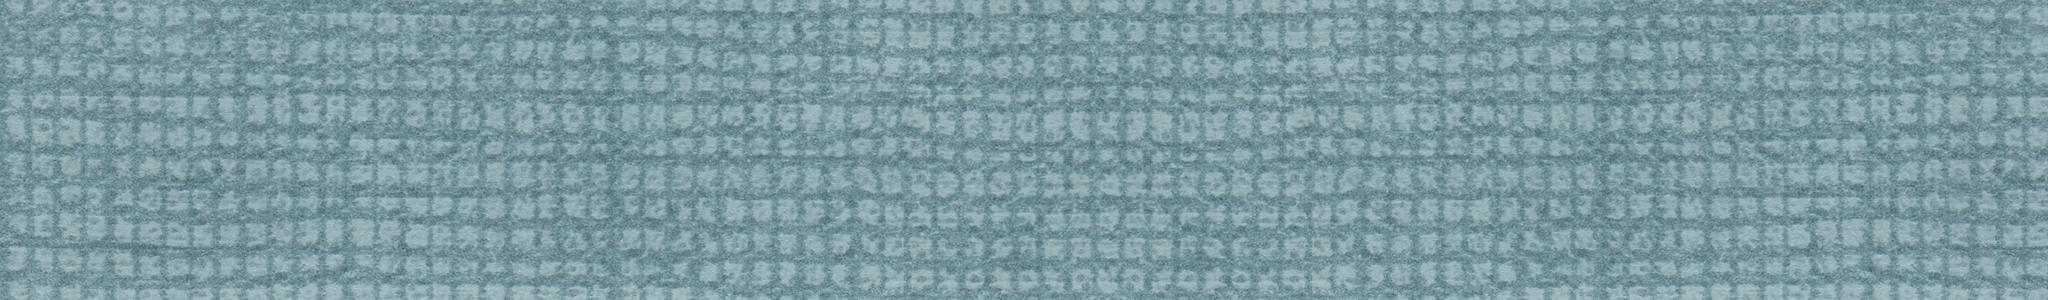 HD 296070 ABS Edge Blue Canvas Smooth